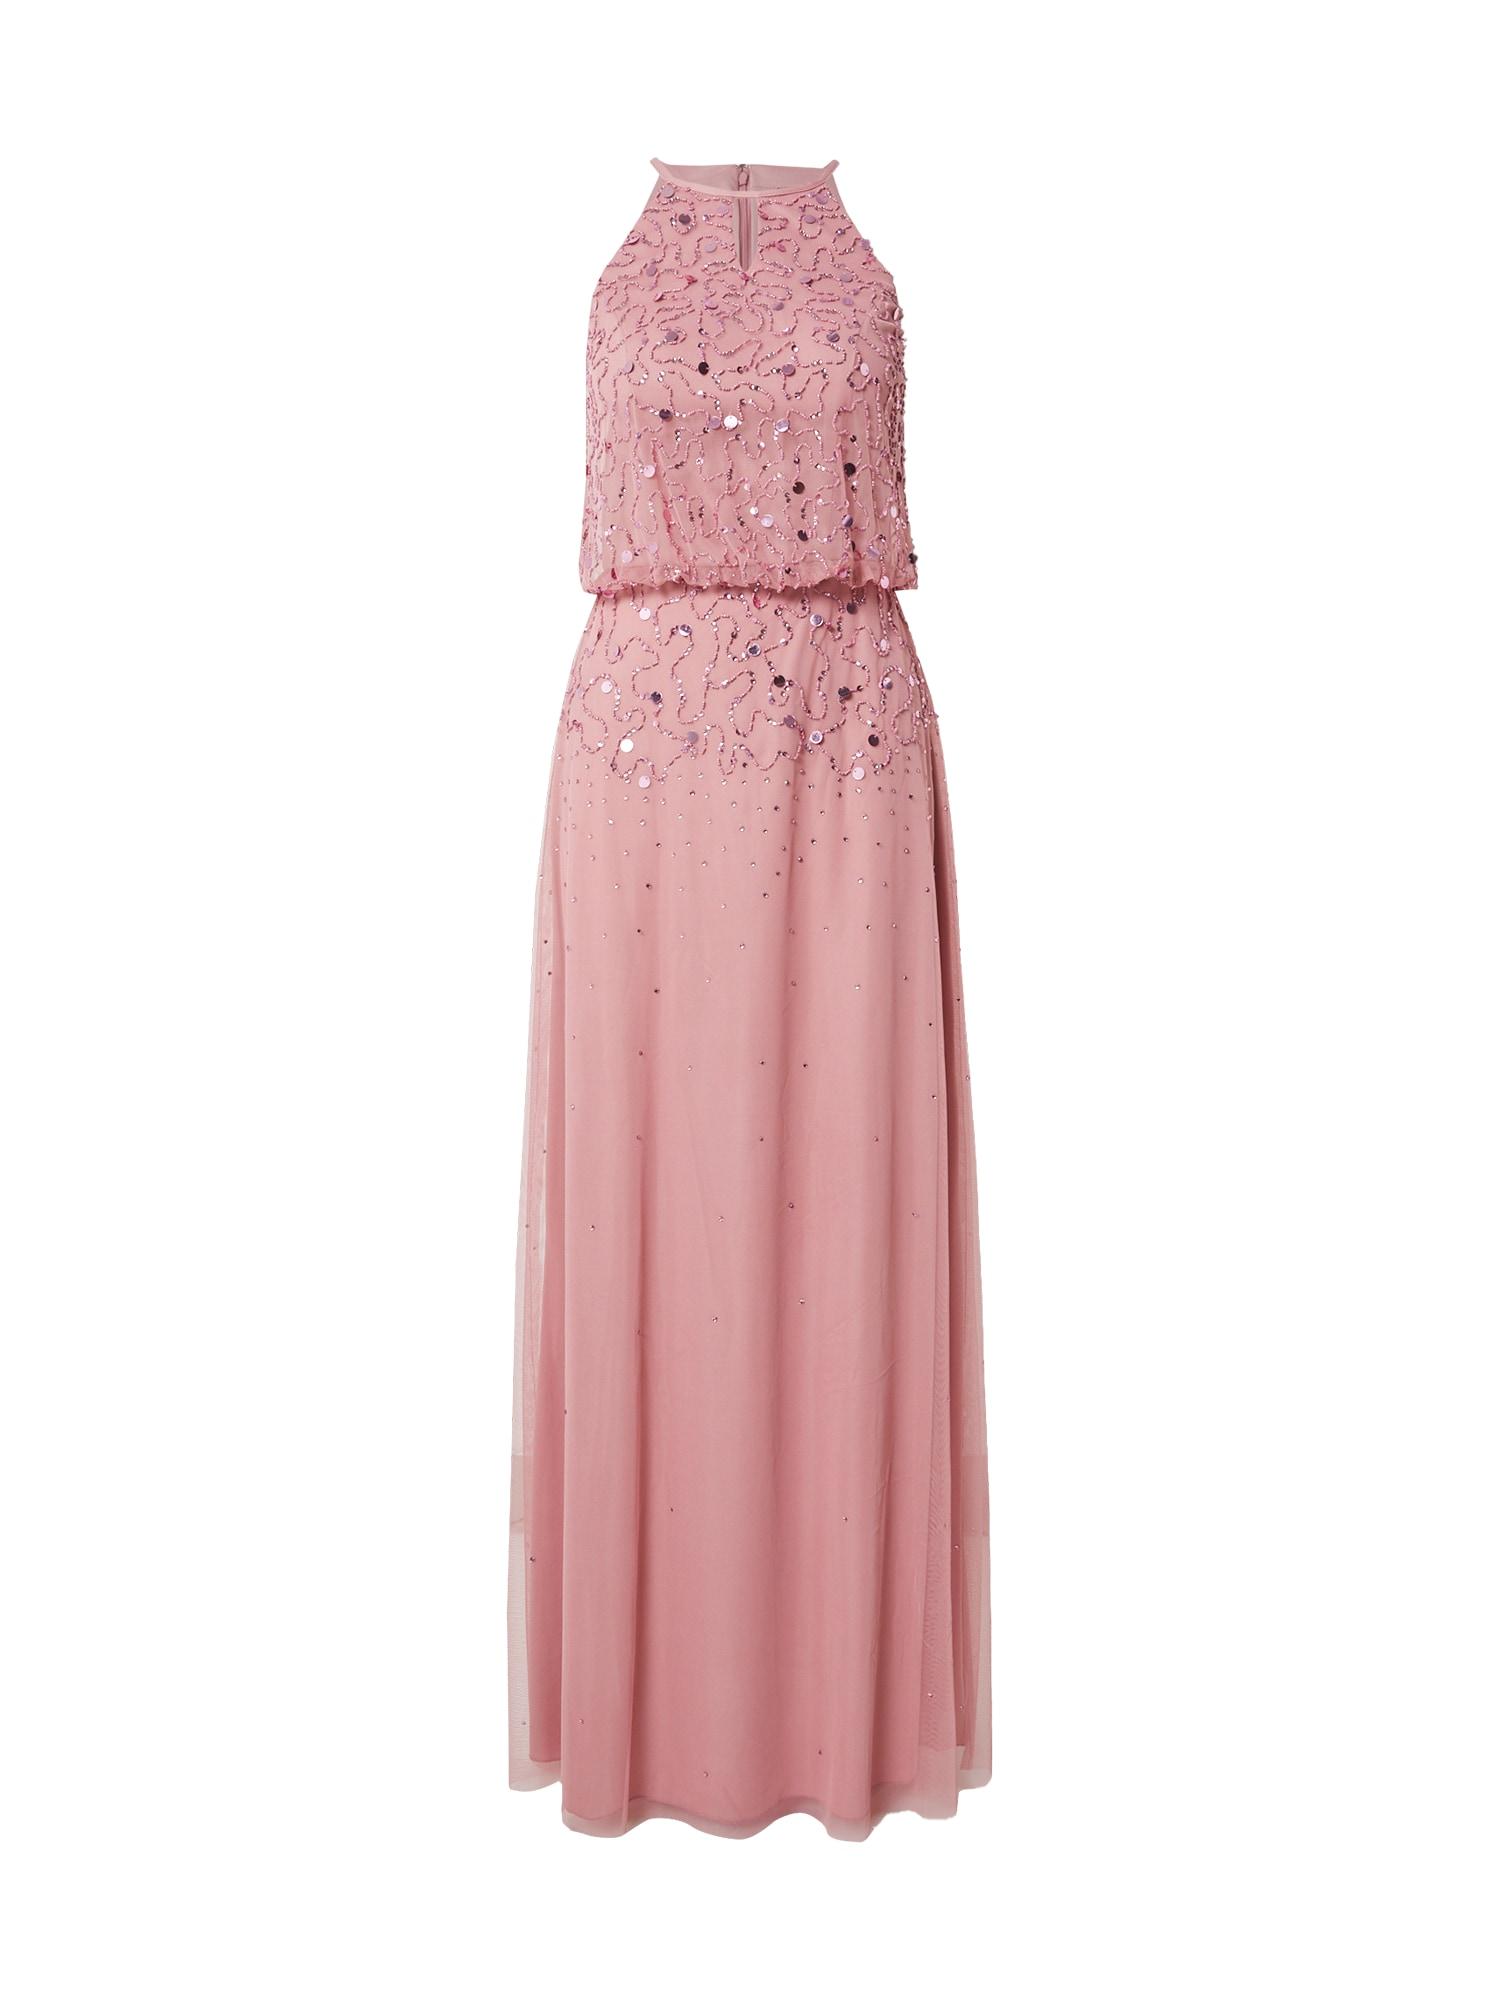 Laona Vakarinė suknelė ryškiai rožinė spalva